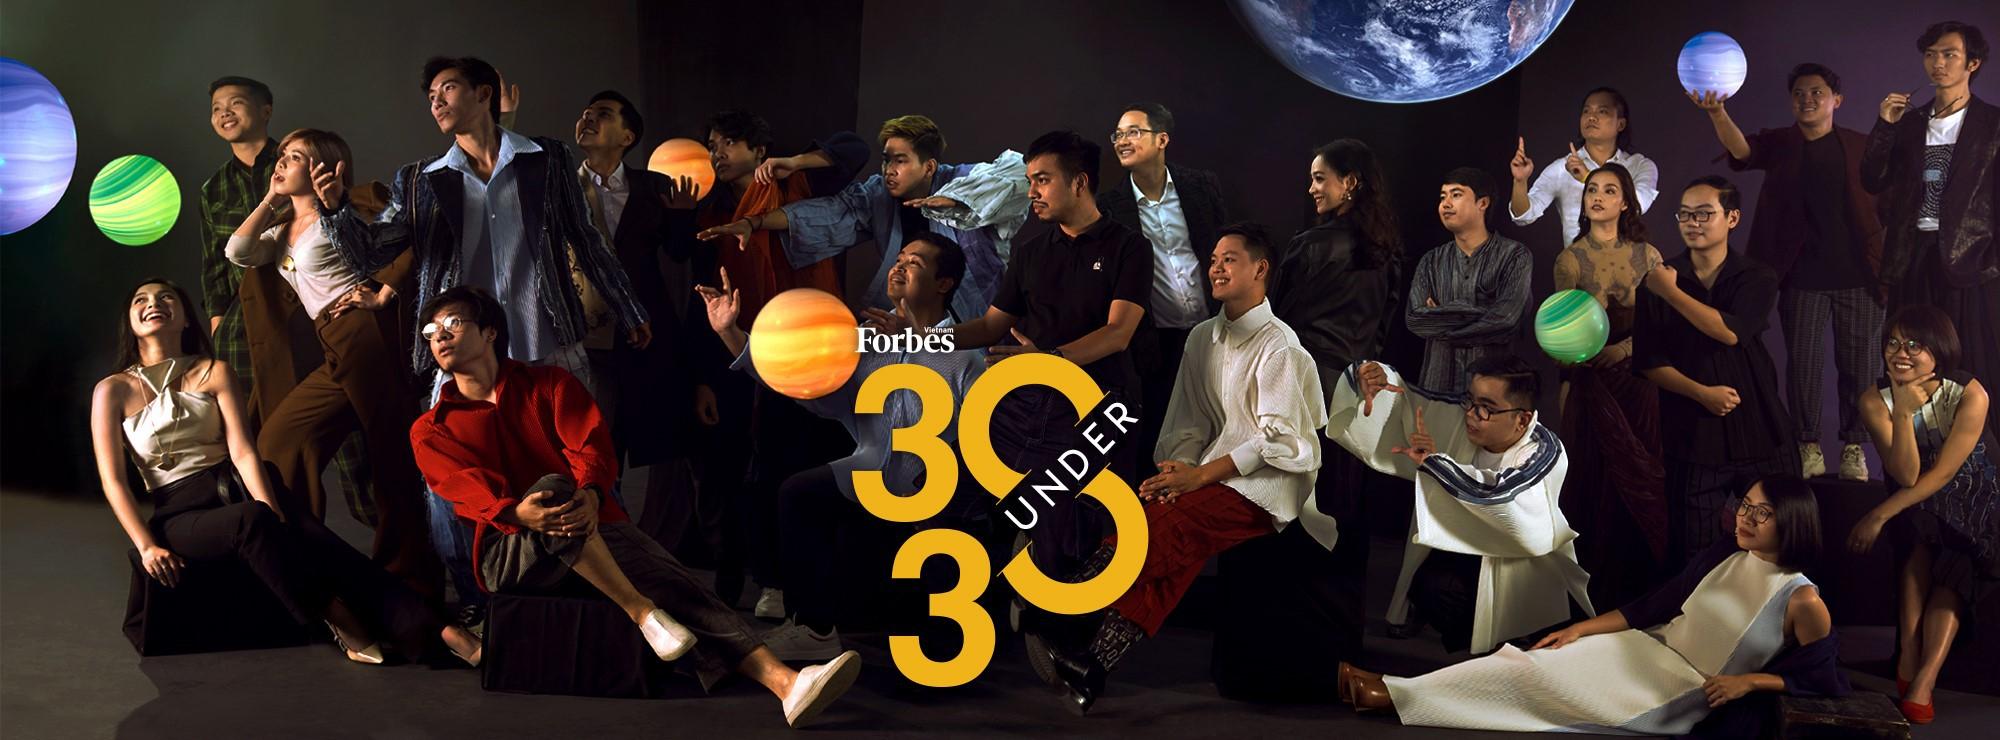 Forbes Việt Nam công bố danh sách 30 Under 30 Việt Nam 2020 - 1